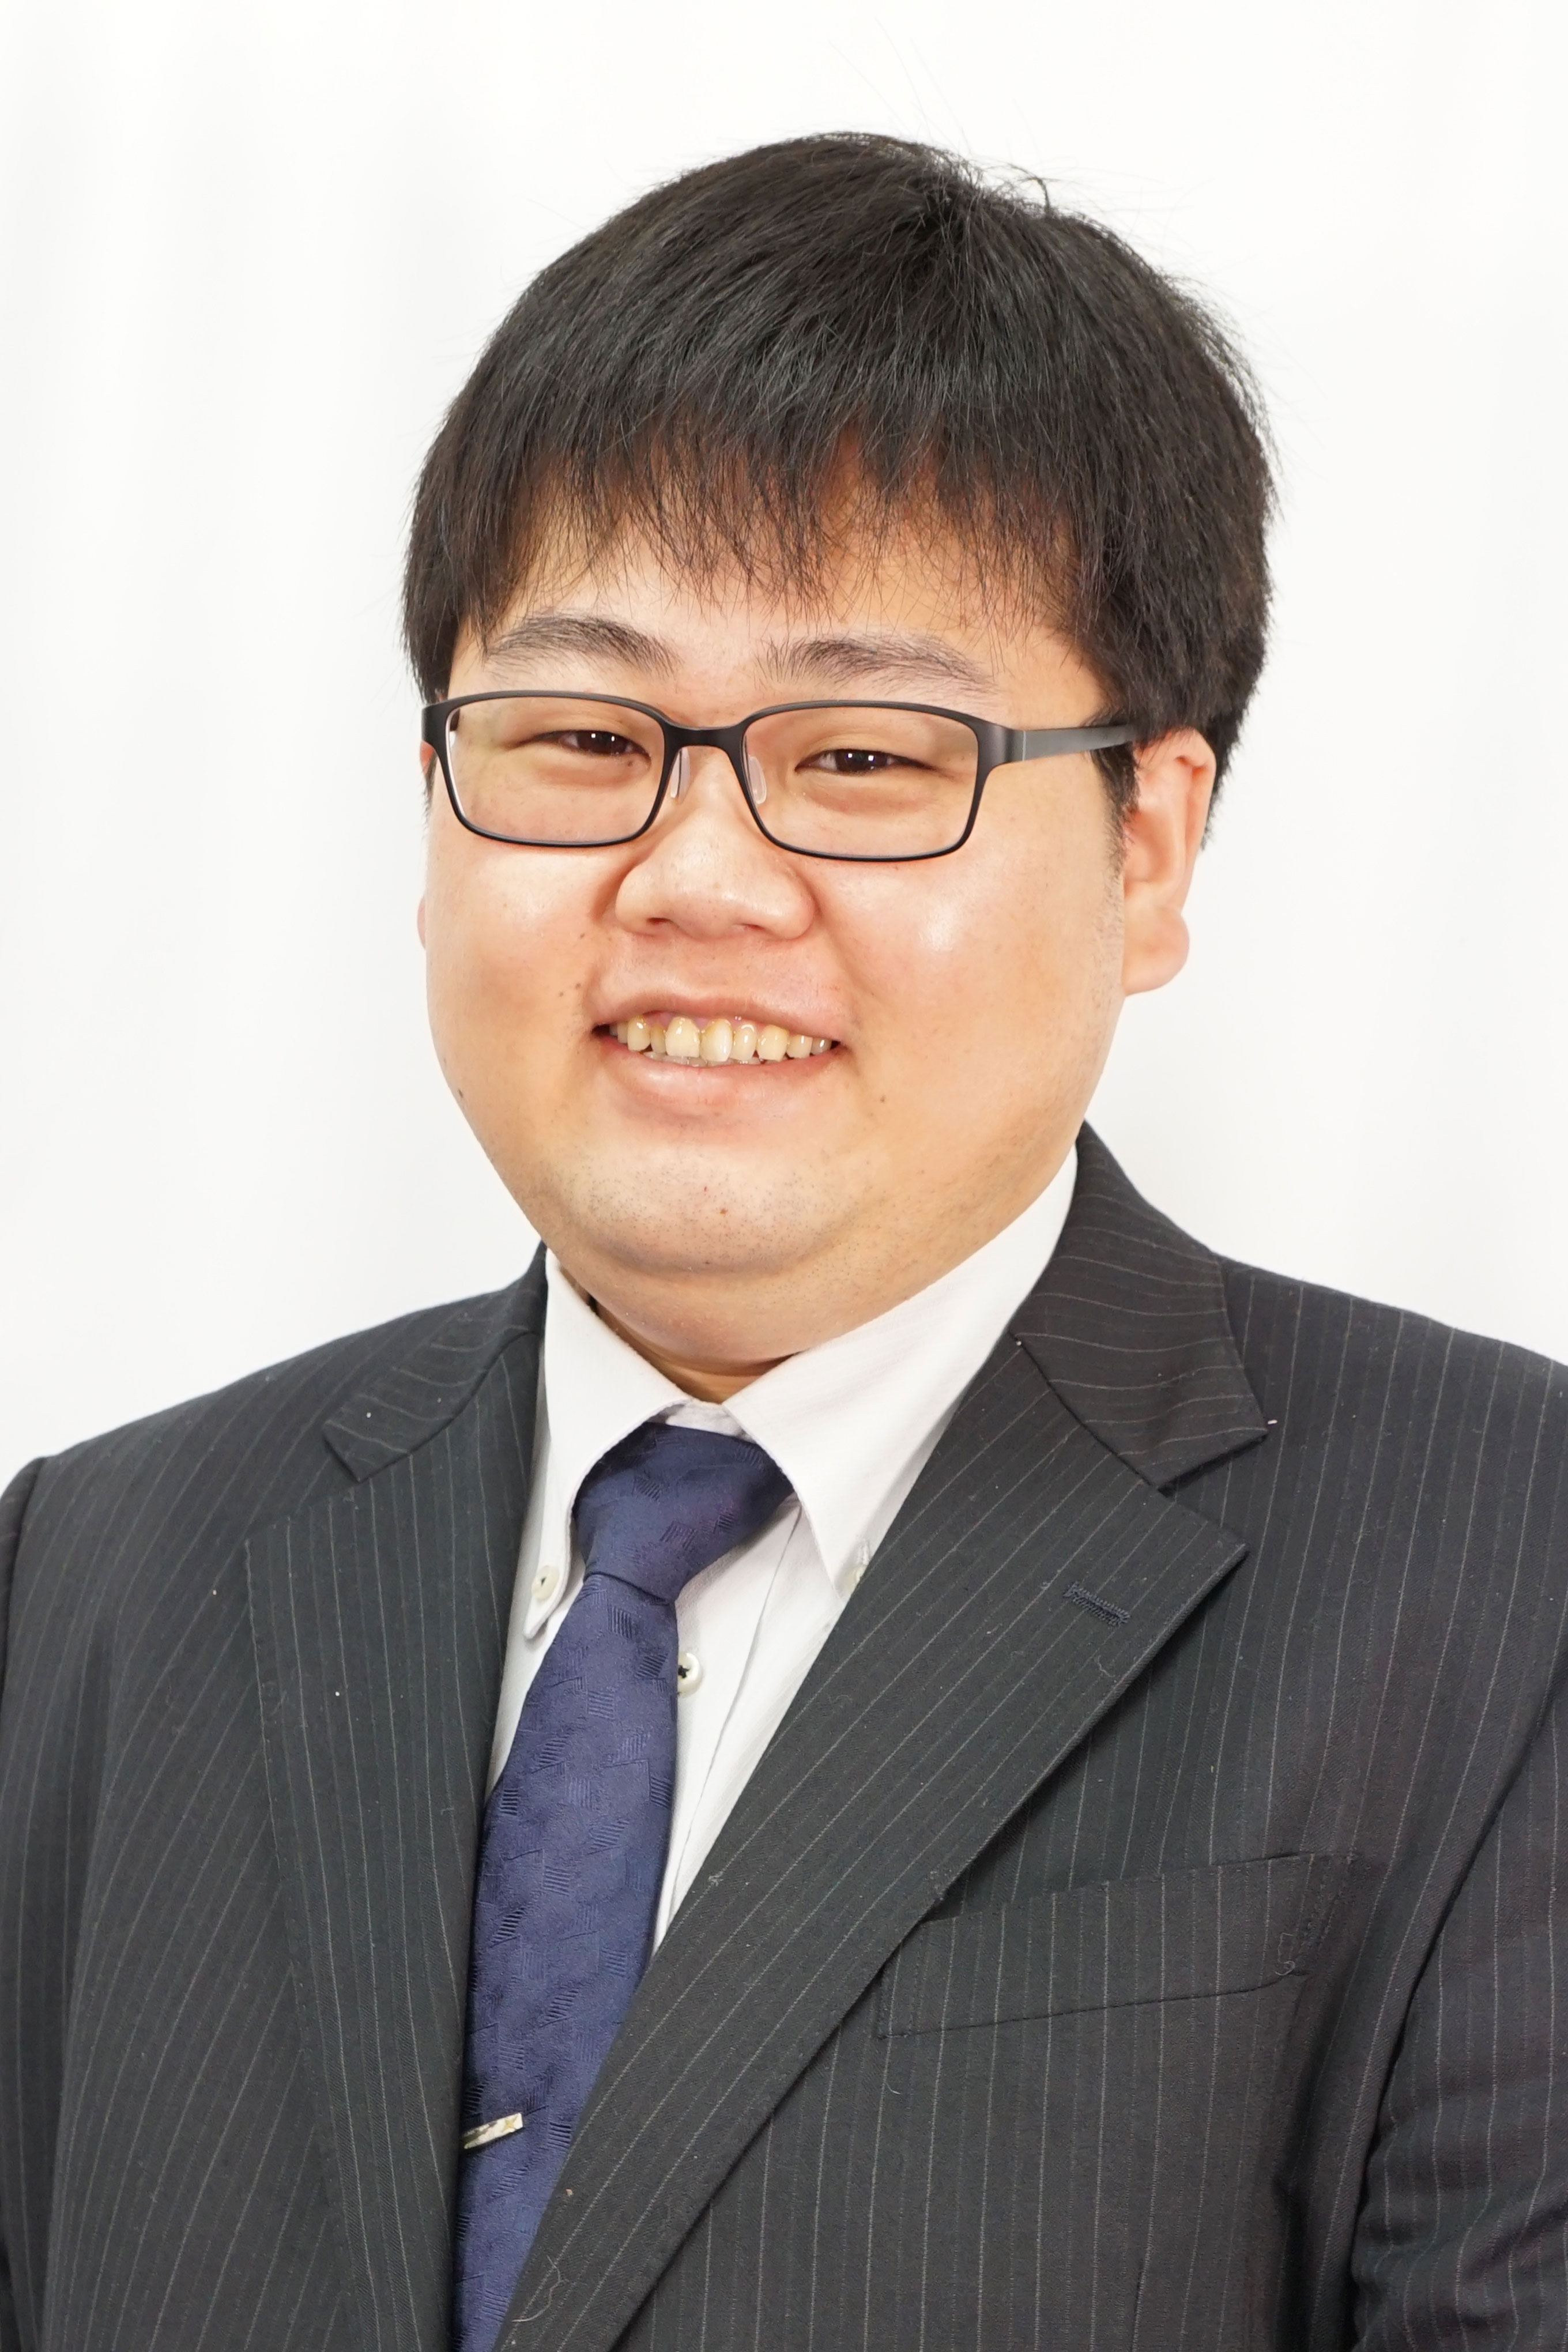 松島 浩太